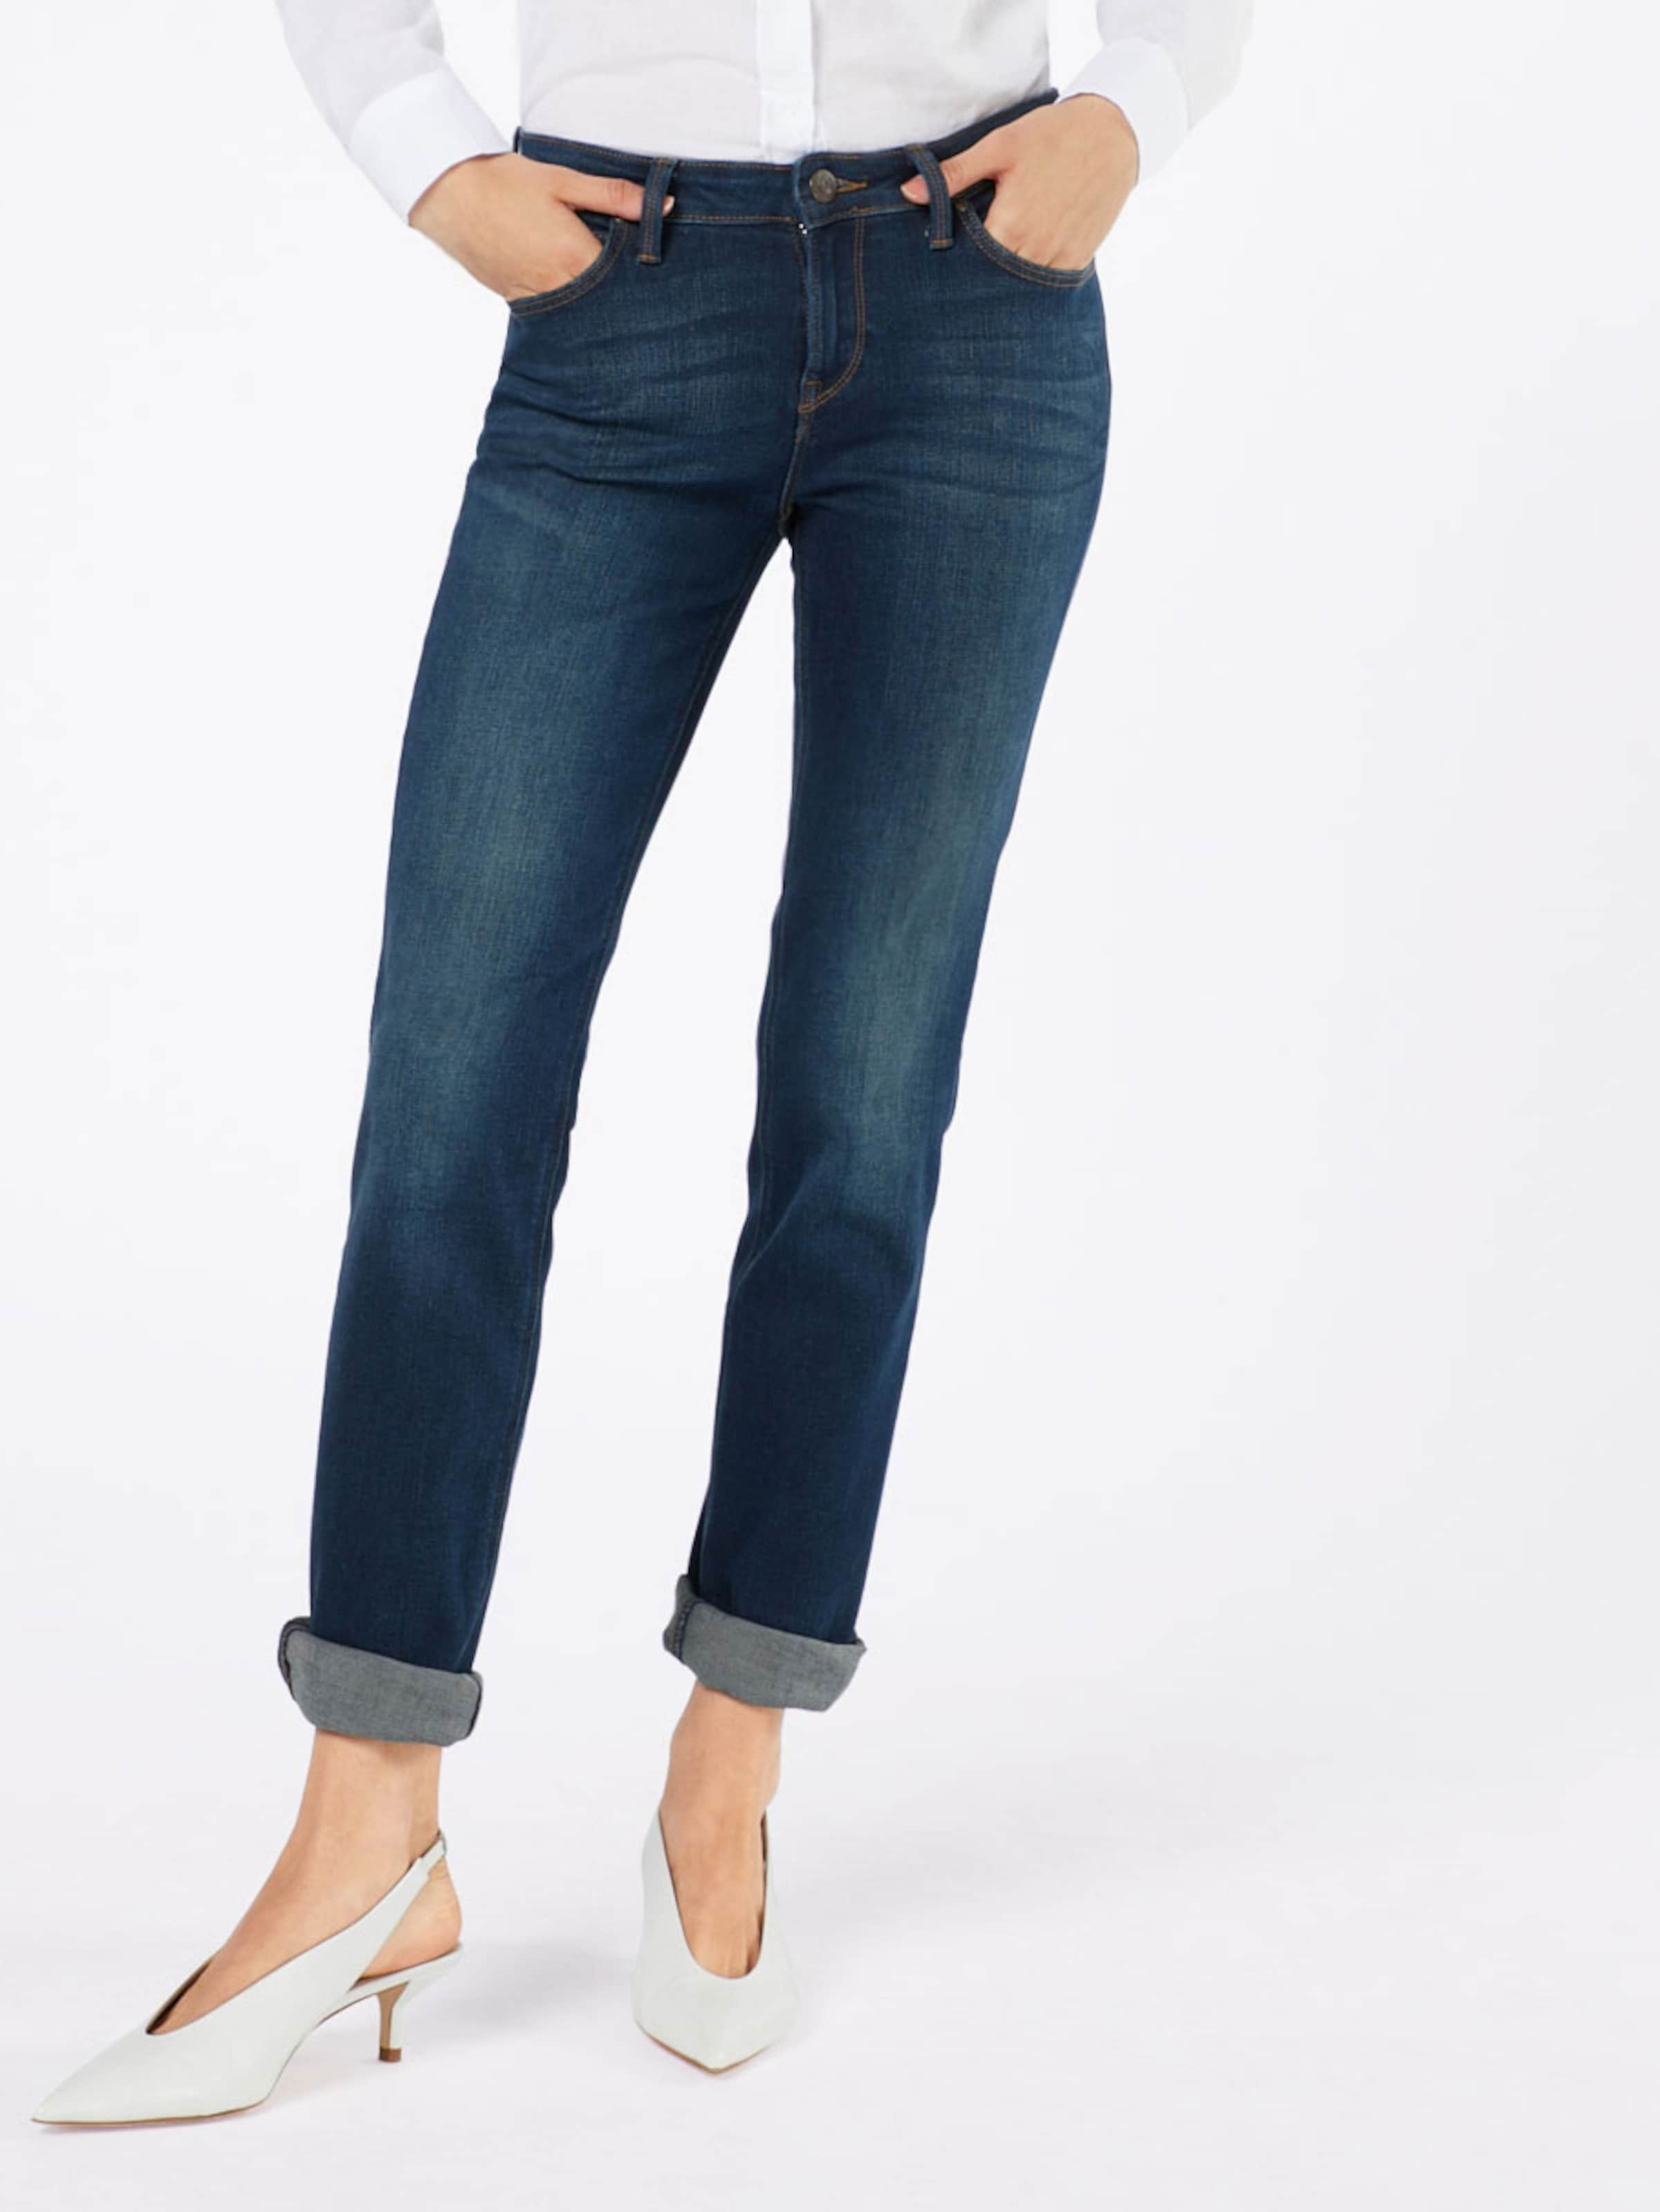 Günstig Für Schön Footlocker Günstiger Preis Lee 'Marion Straight' Jeans Rabatt Für Schön XVt4O77l